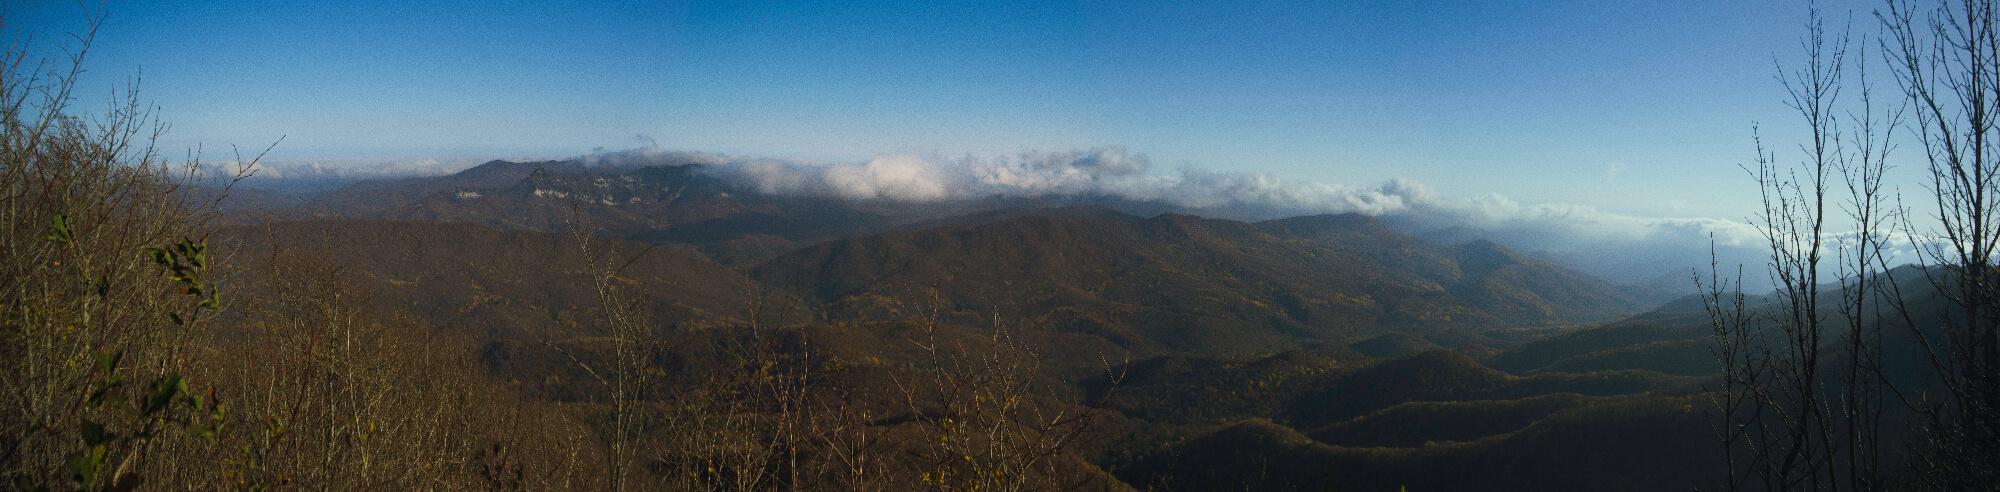 Панорама с хребта Коцехур